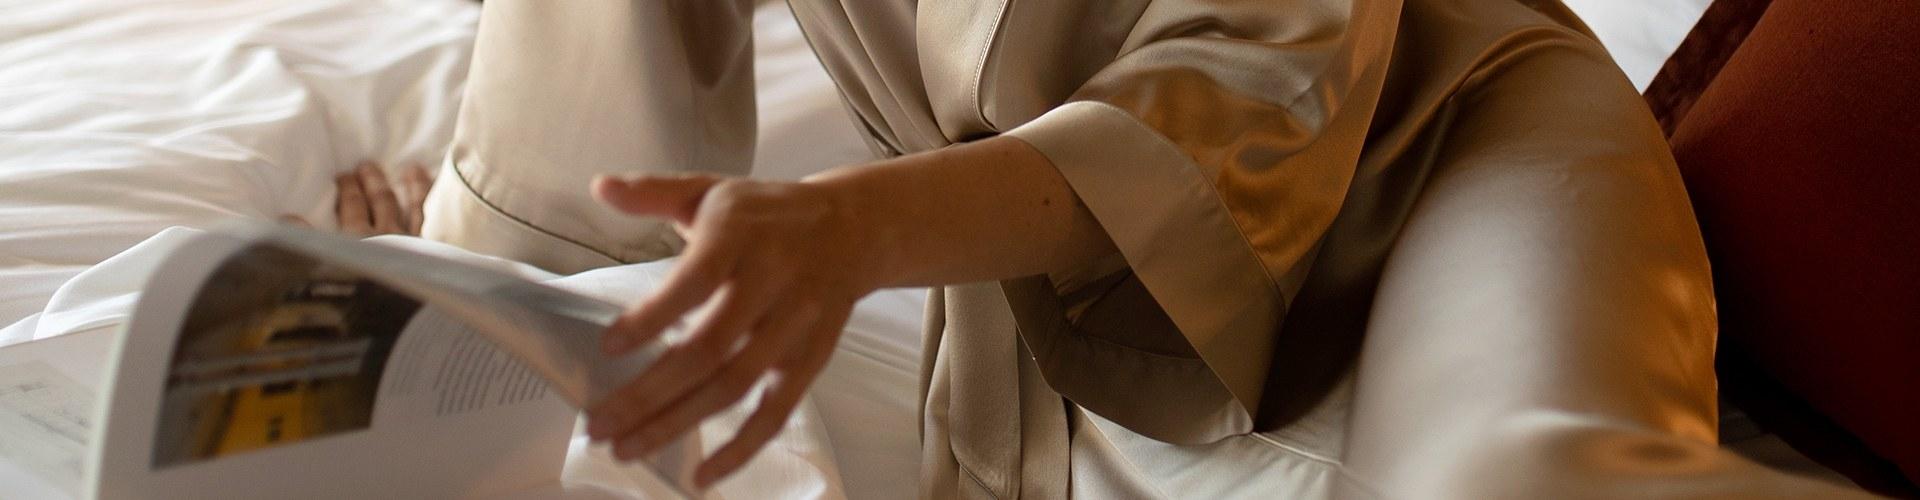 Marbel Silk Loungewear